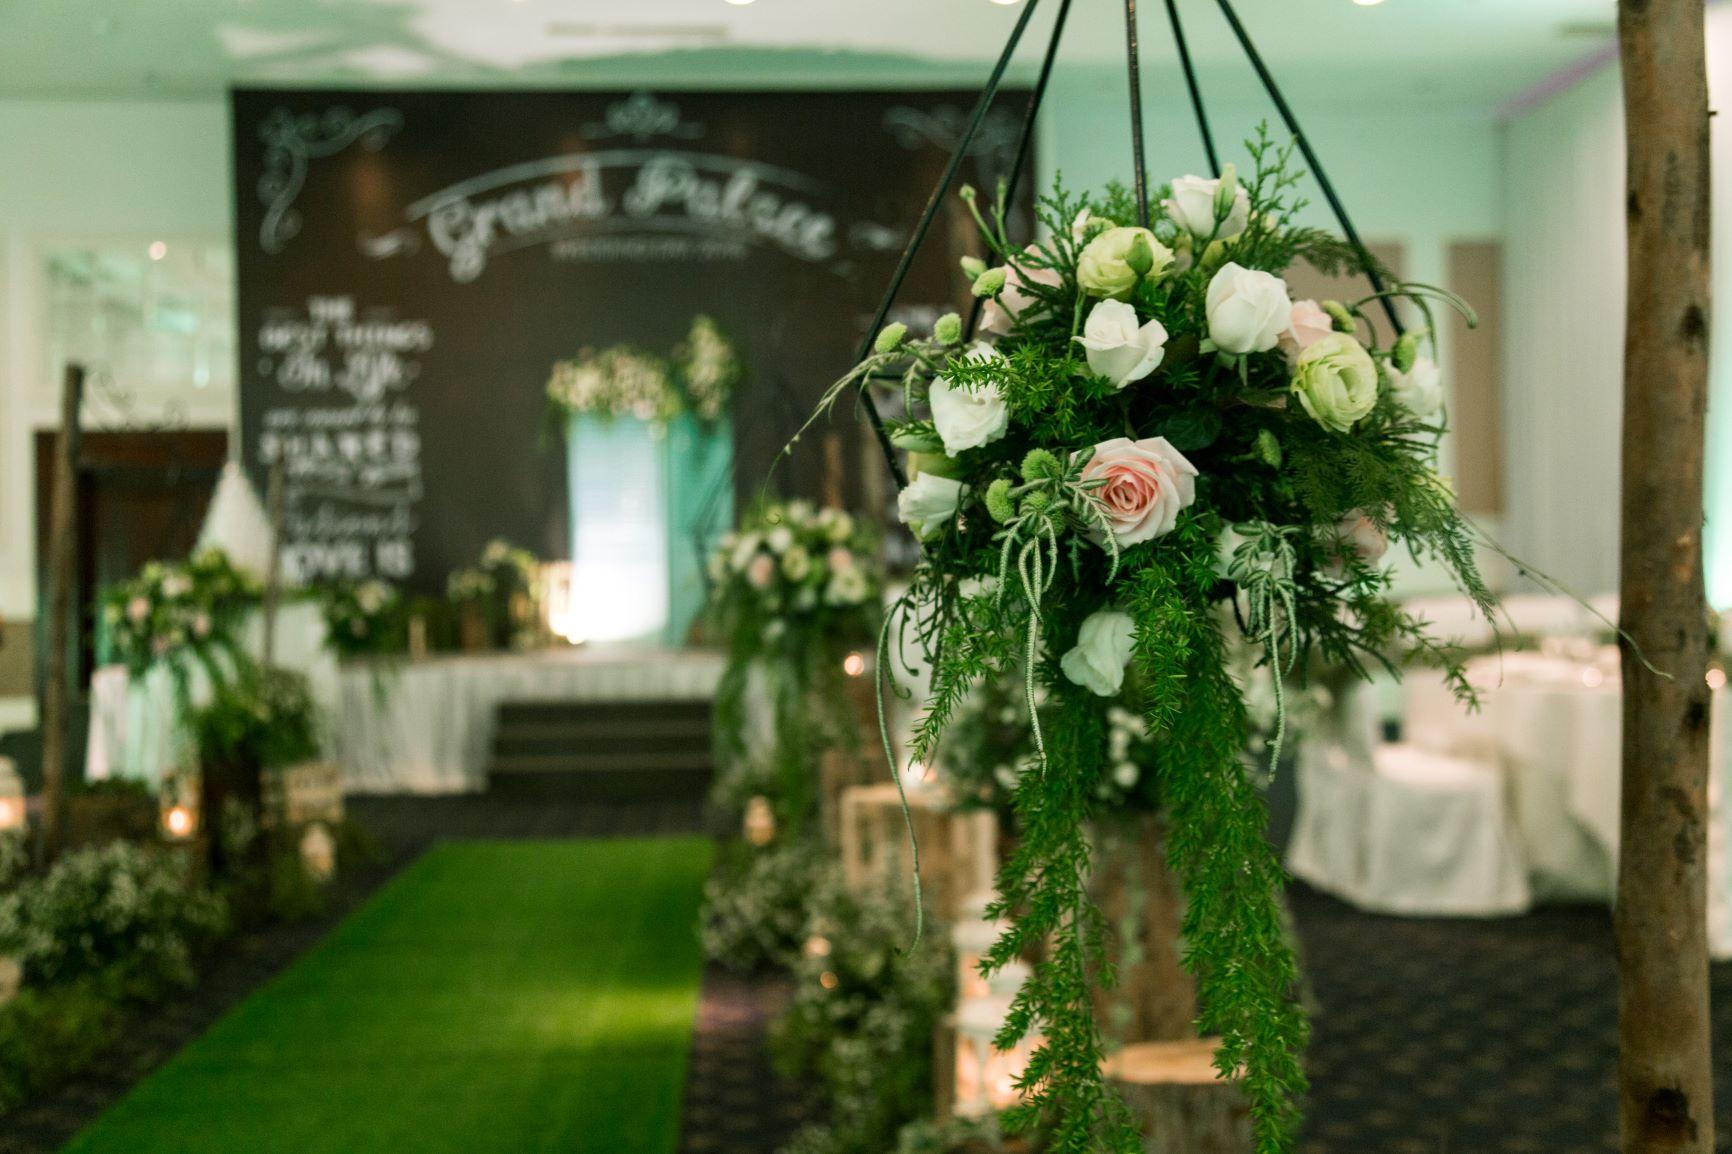 RUSTIC WEDDING - NÉT MỘC MẠC TRONG LỄ CƯỚI